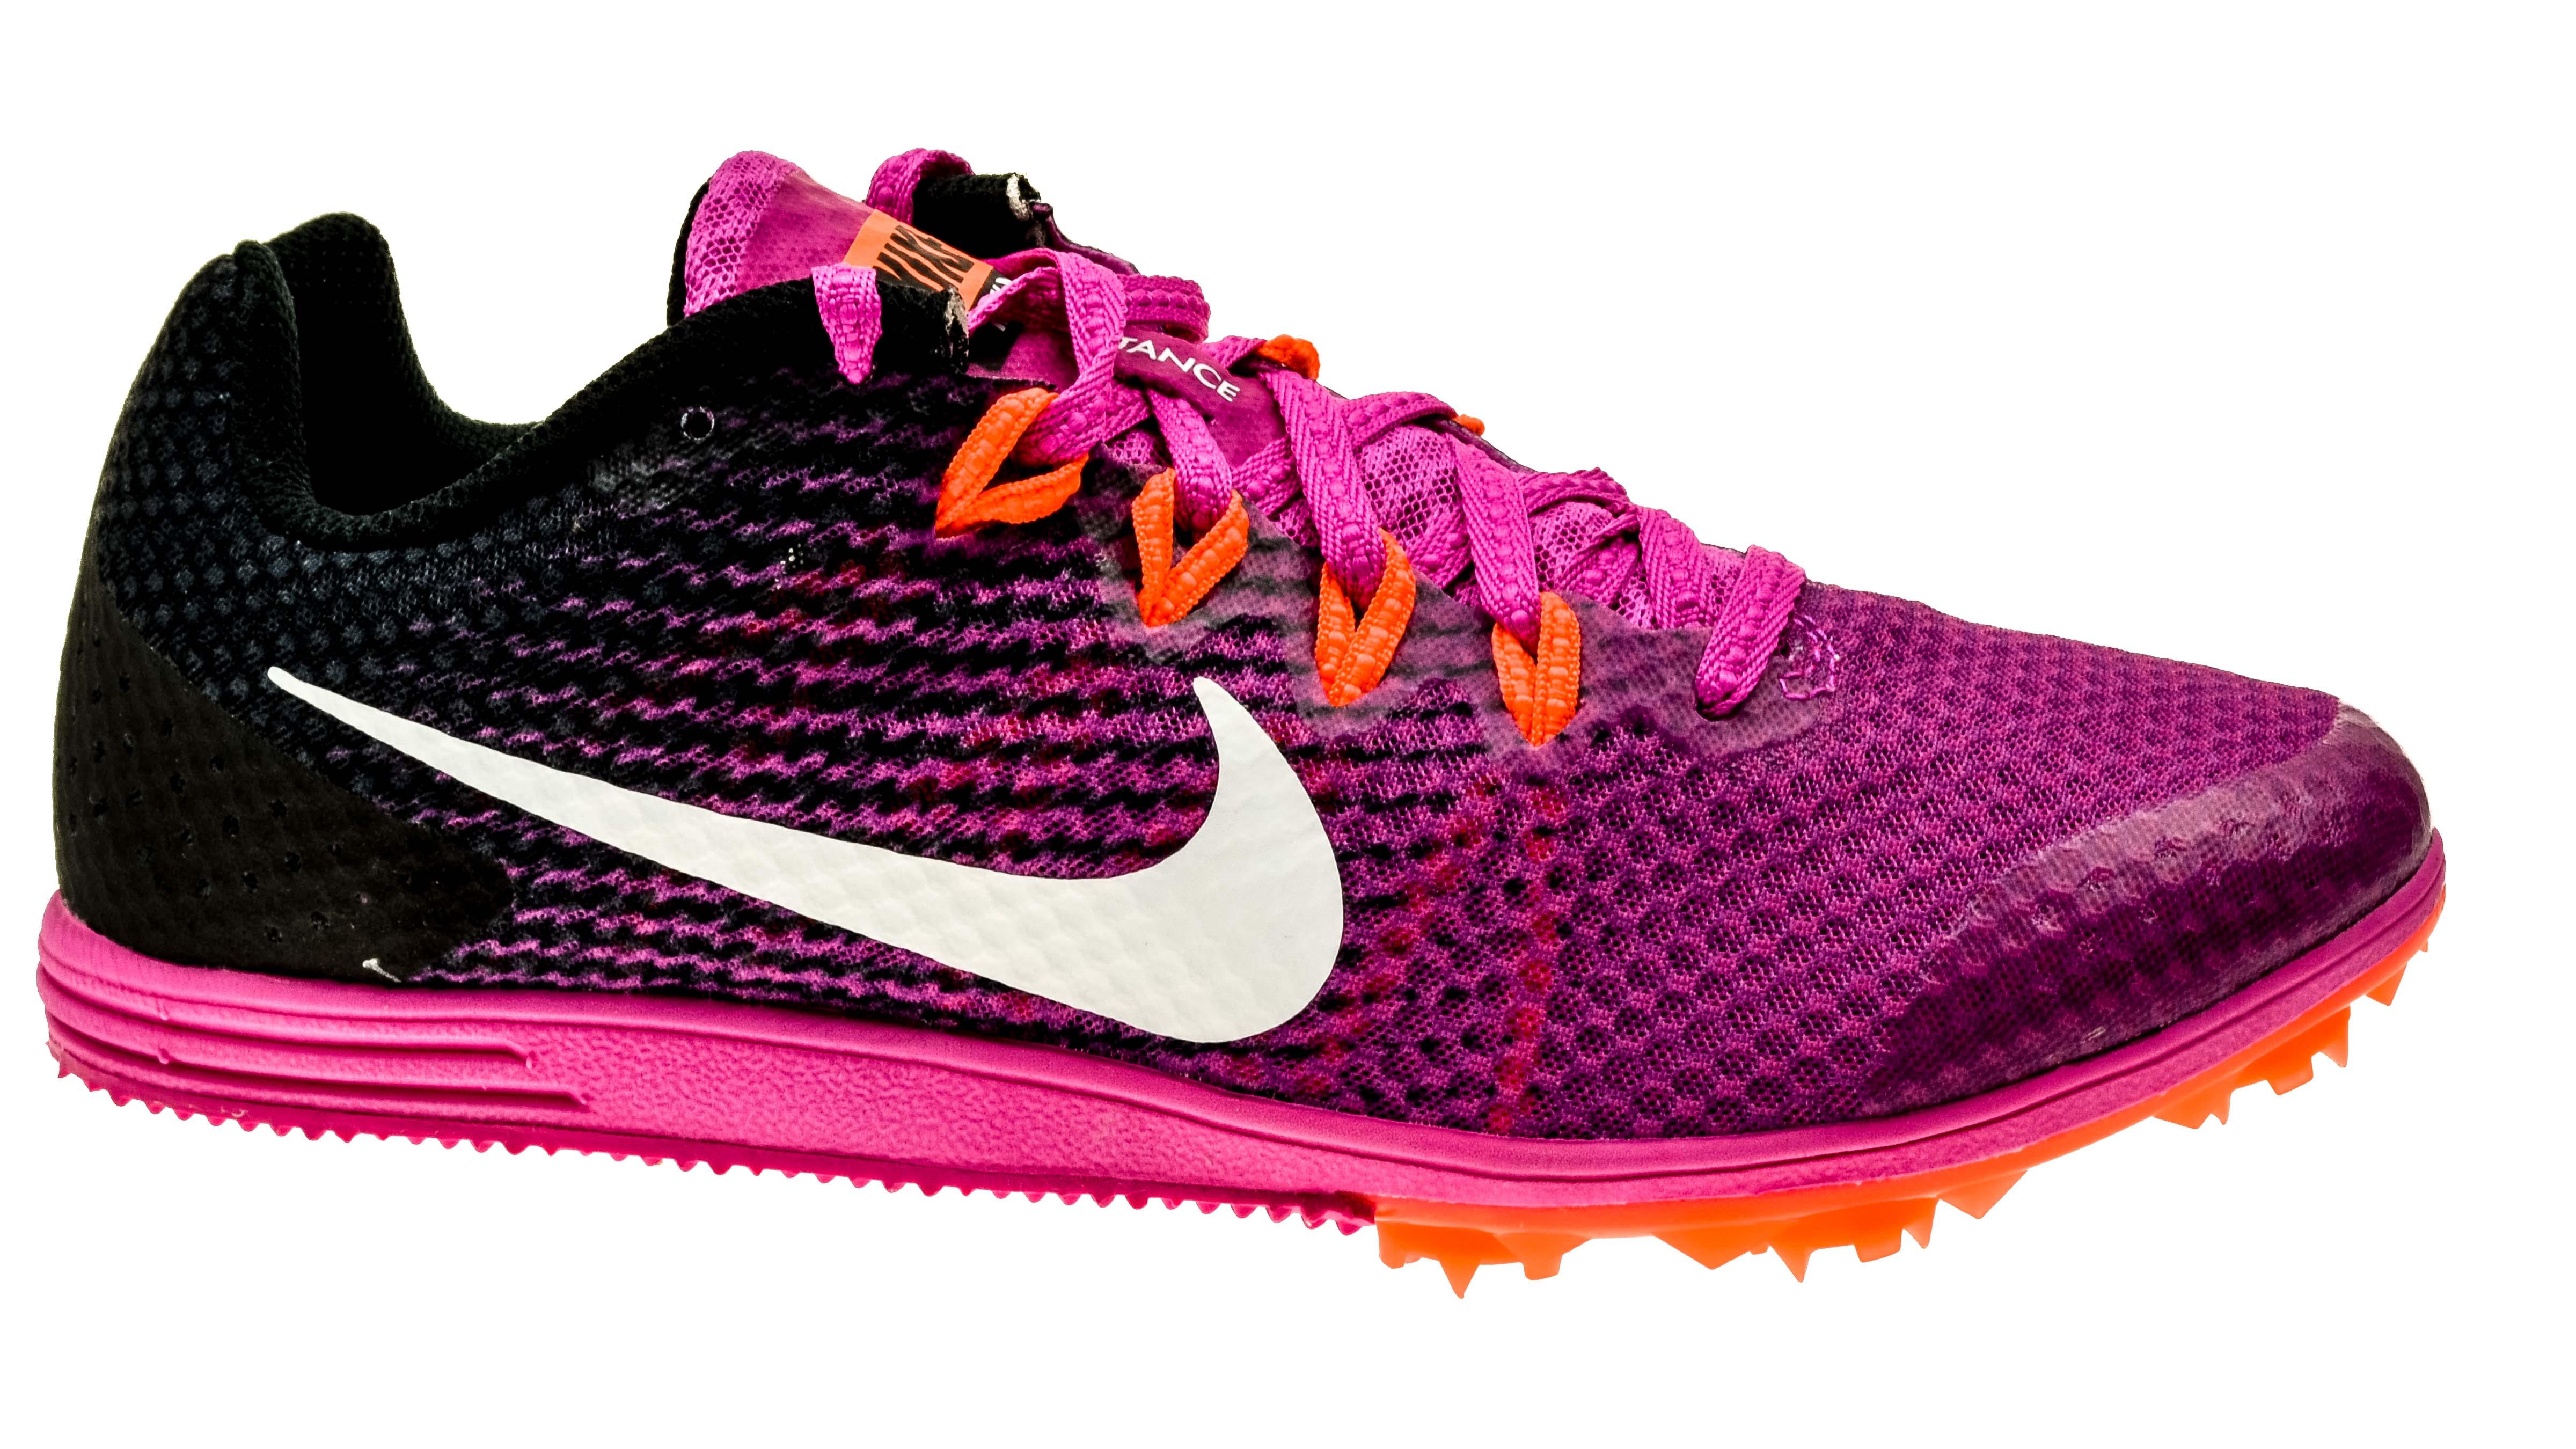 vente sur Nike Zoom Rival D9 fire-pink